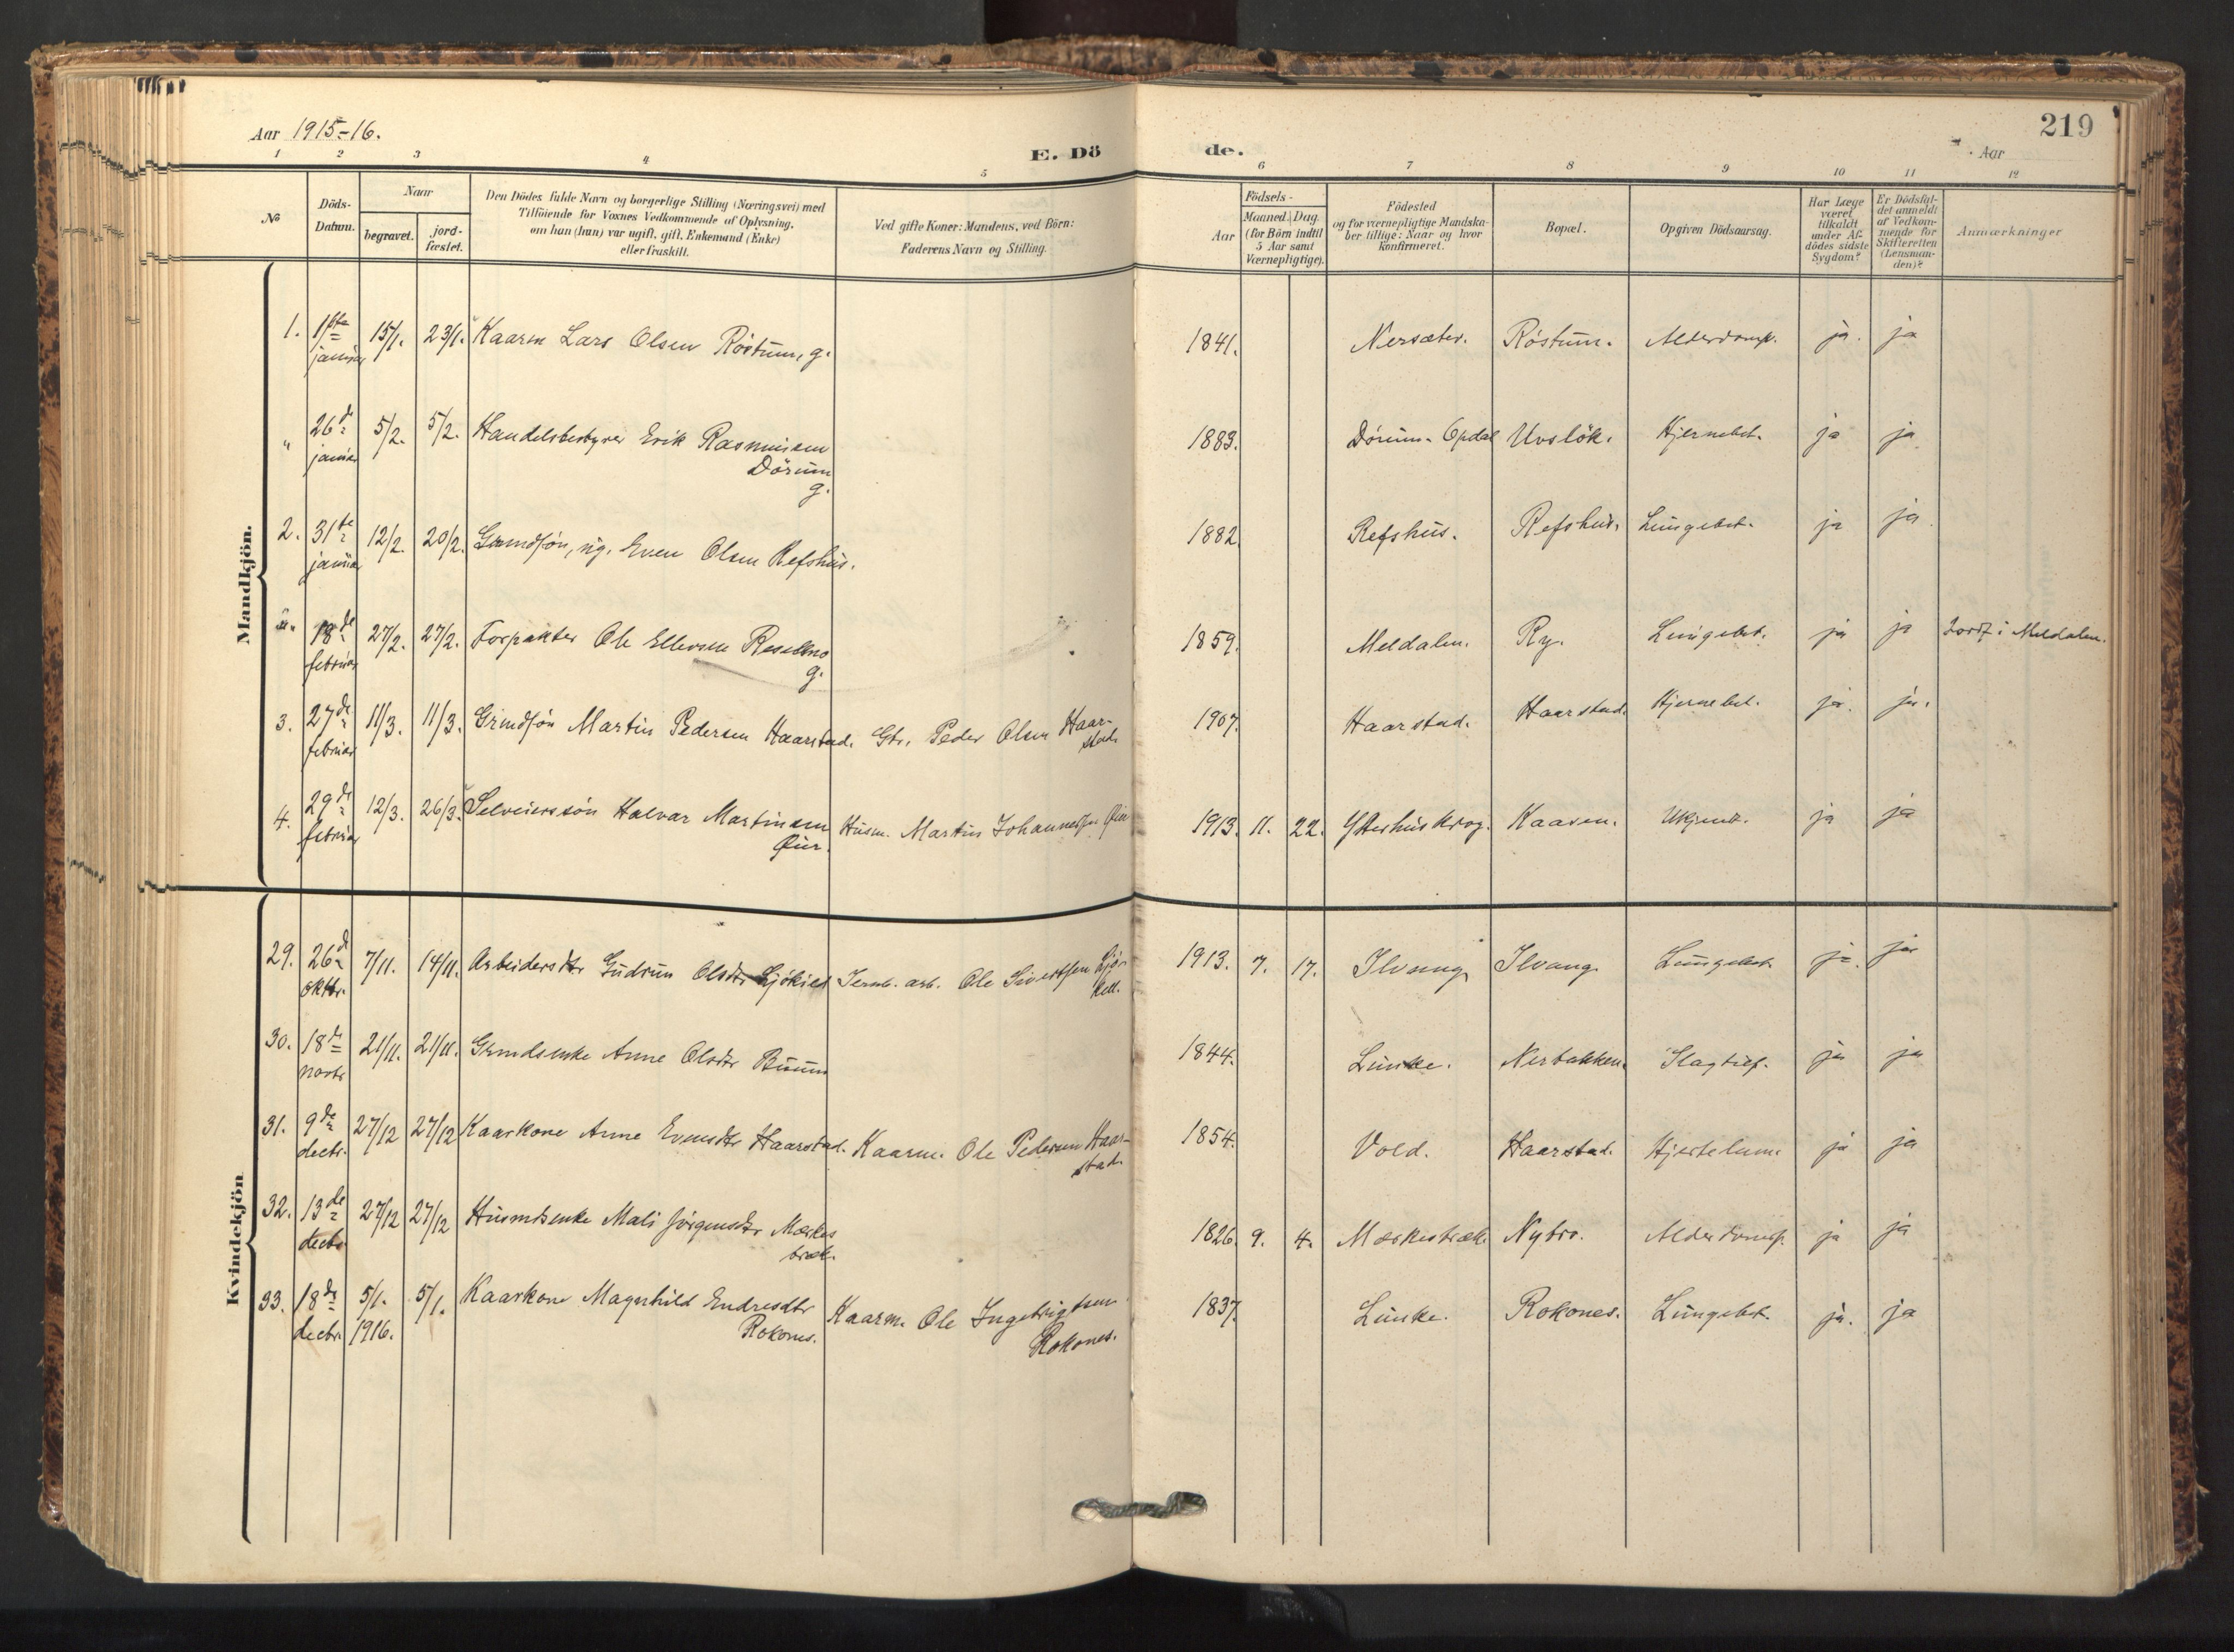 SAT, Ministerialprotokoller, klokkerbøker og fødselsregistre - Sør-Trøndelag, 674/L0873: Ministerialbok nr. 674A05, 1908-1923, s. 219